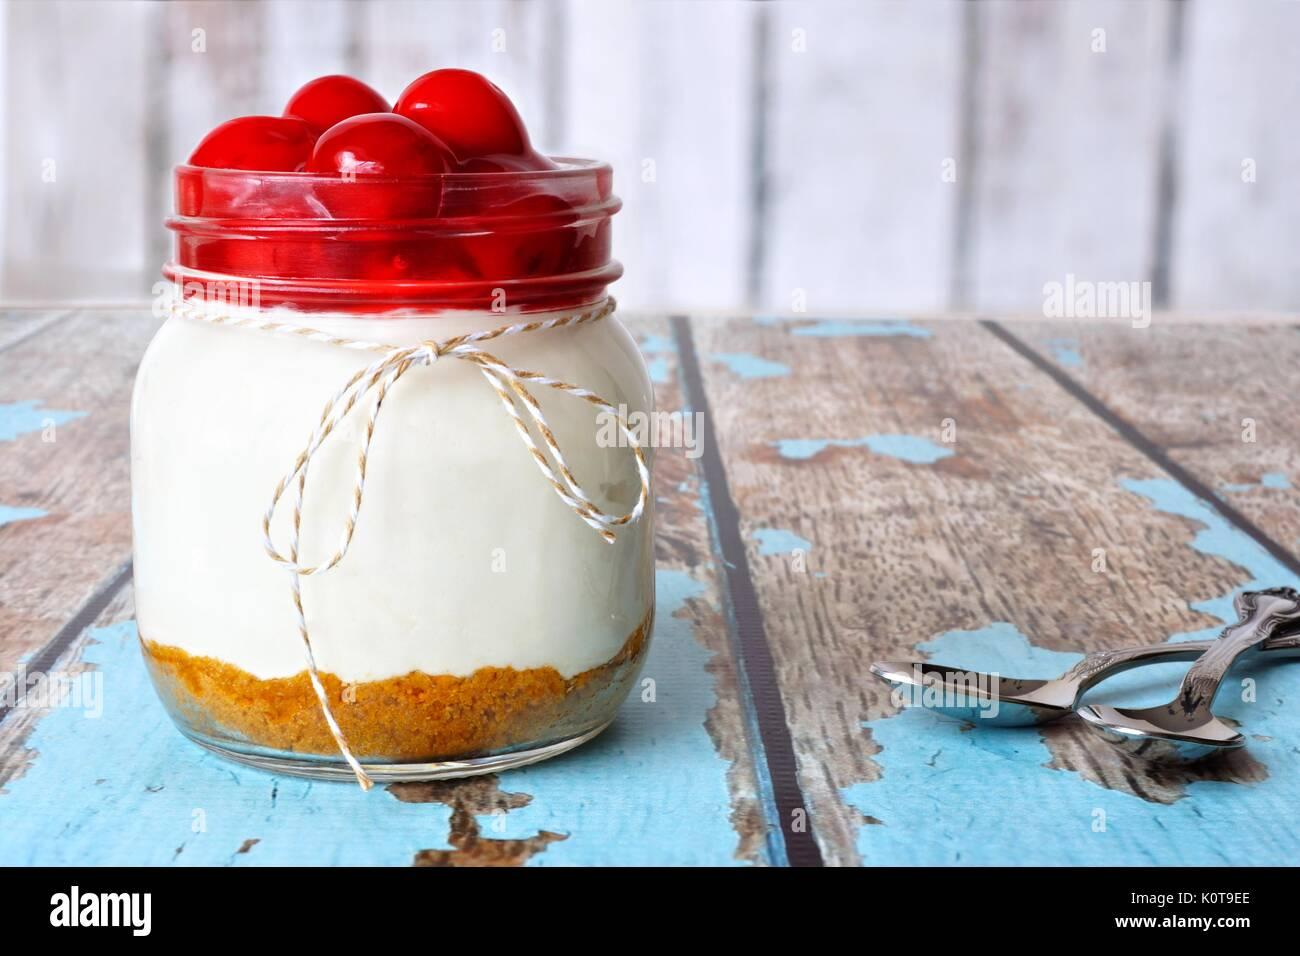 Cheesecake de cerezas dulces en una jarra de albañil sobre un fondo de madera rústica Imagen De Stock